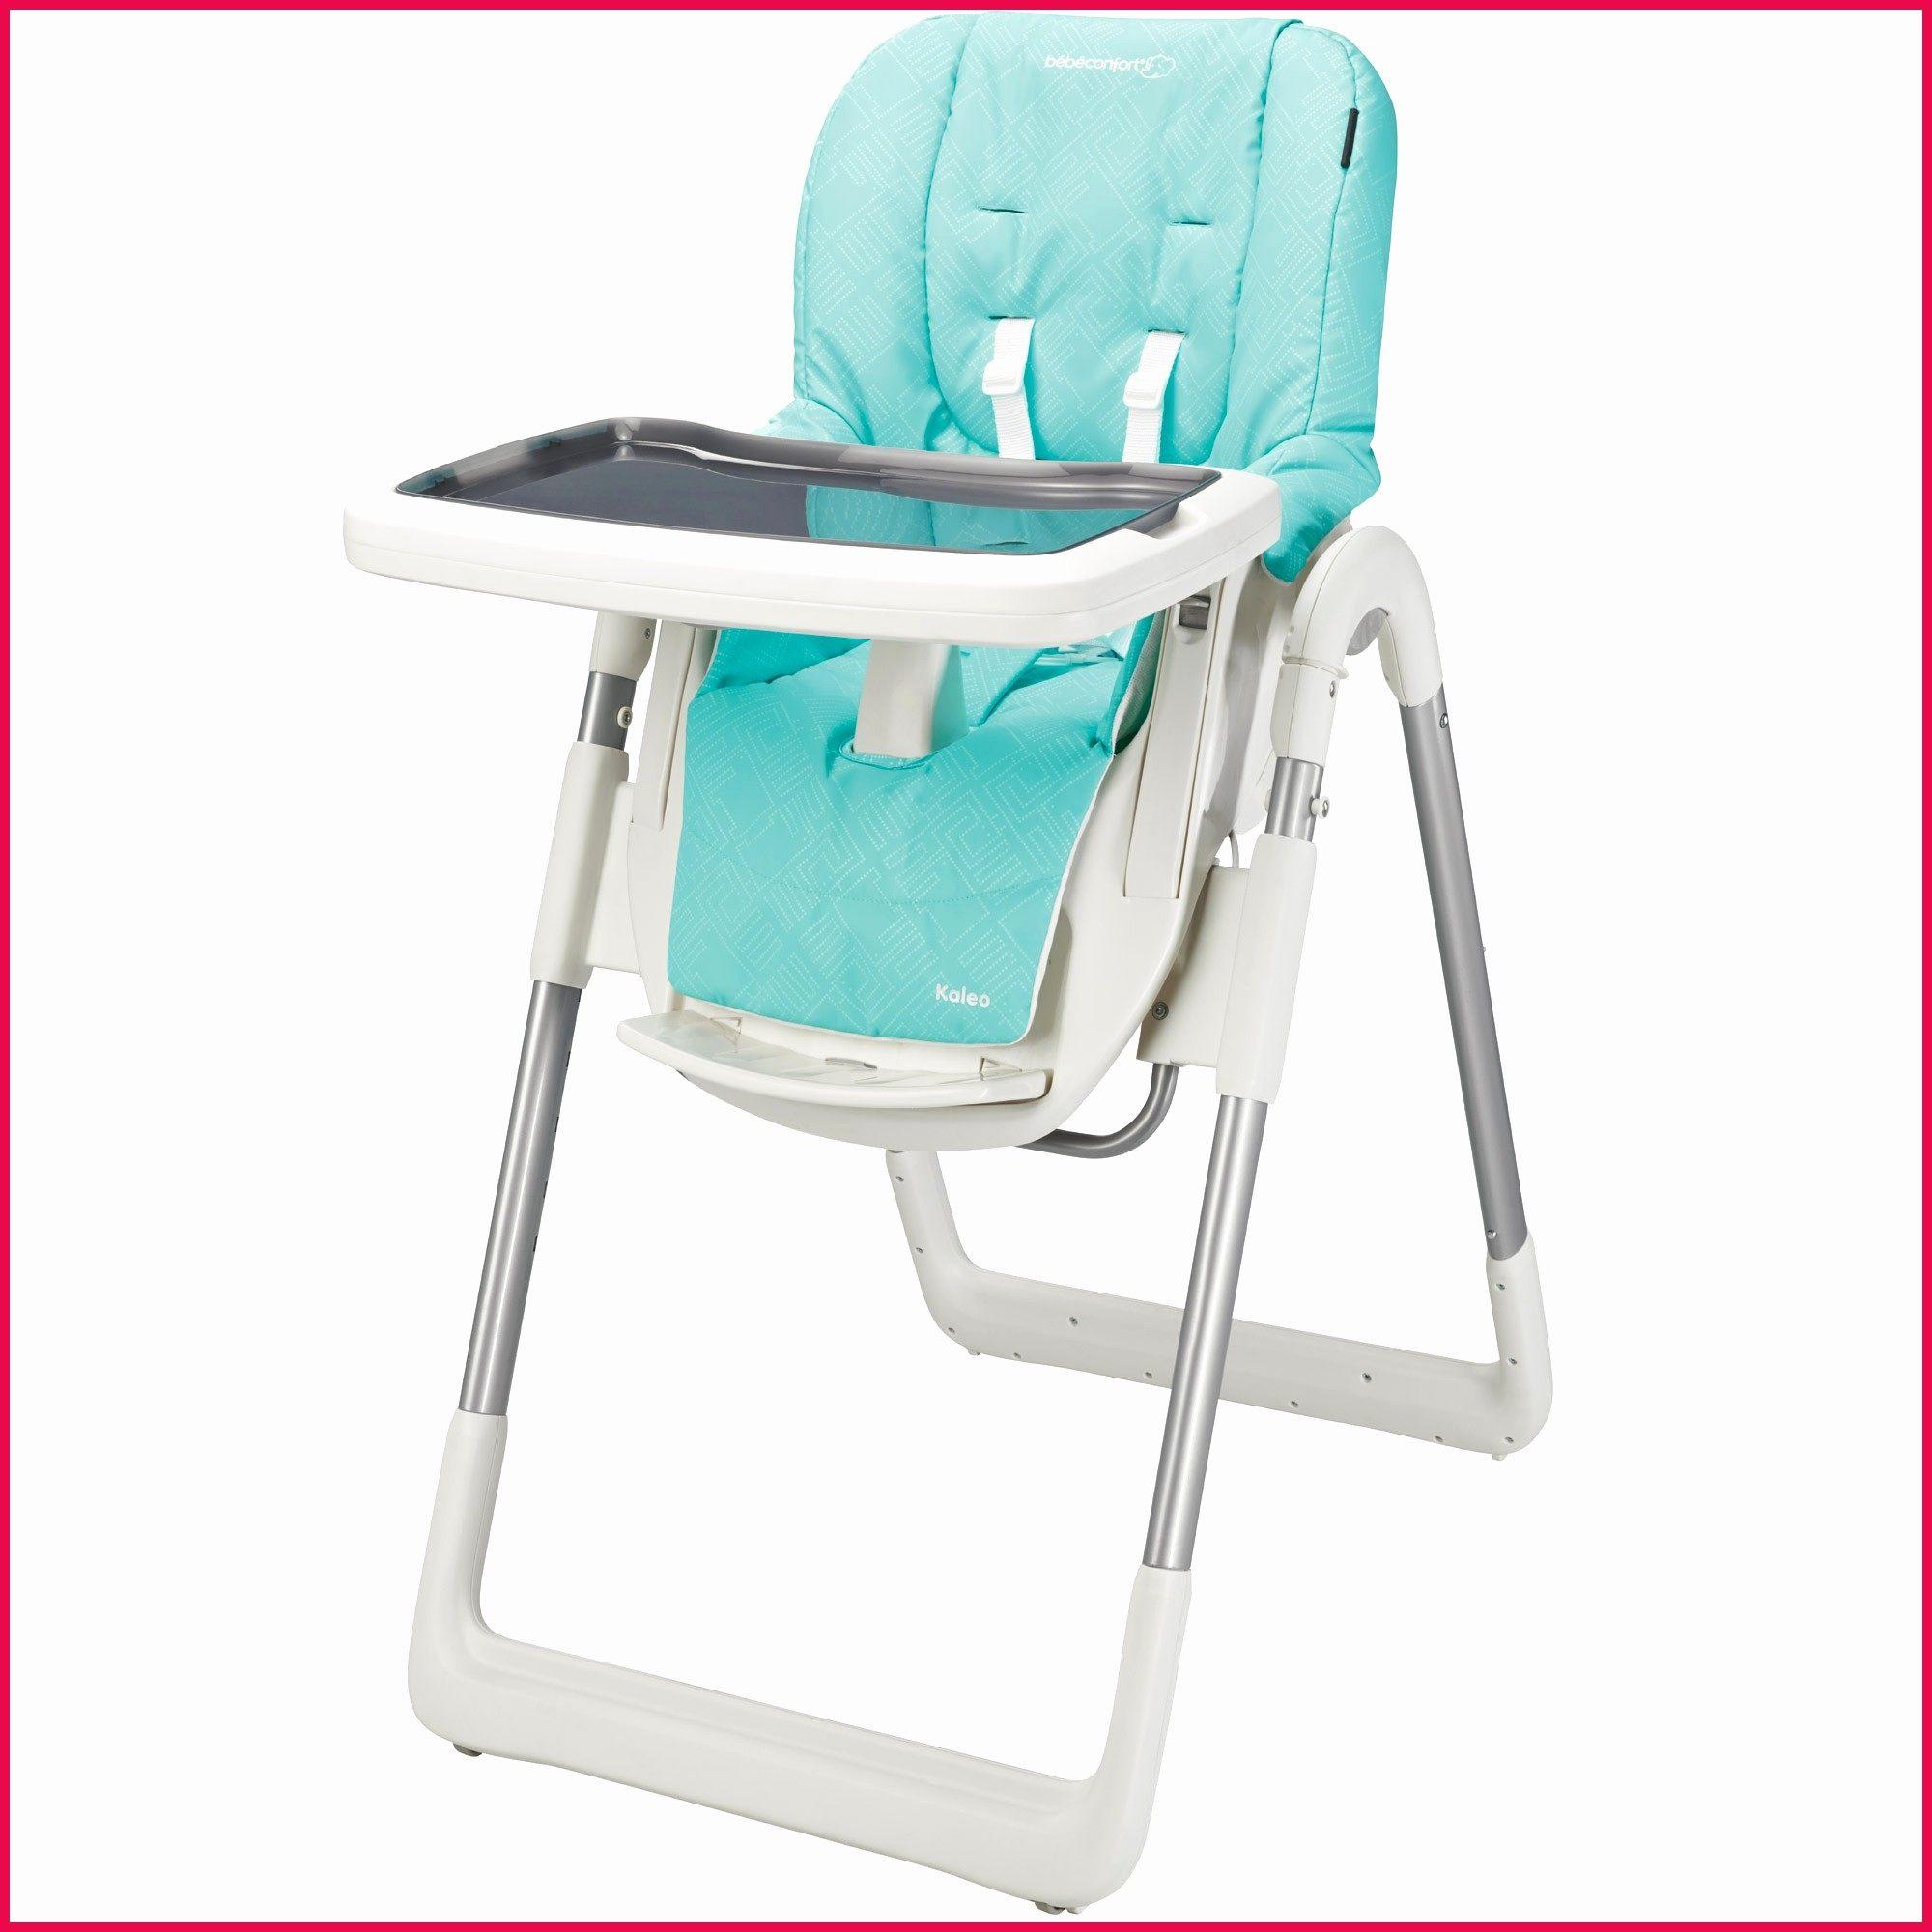 Lit De Voyage Pour Bébé Génial Chaise Haute Pliante Bébé Inspirational Chaise Chaise Haute Pliante